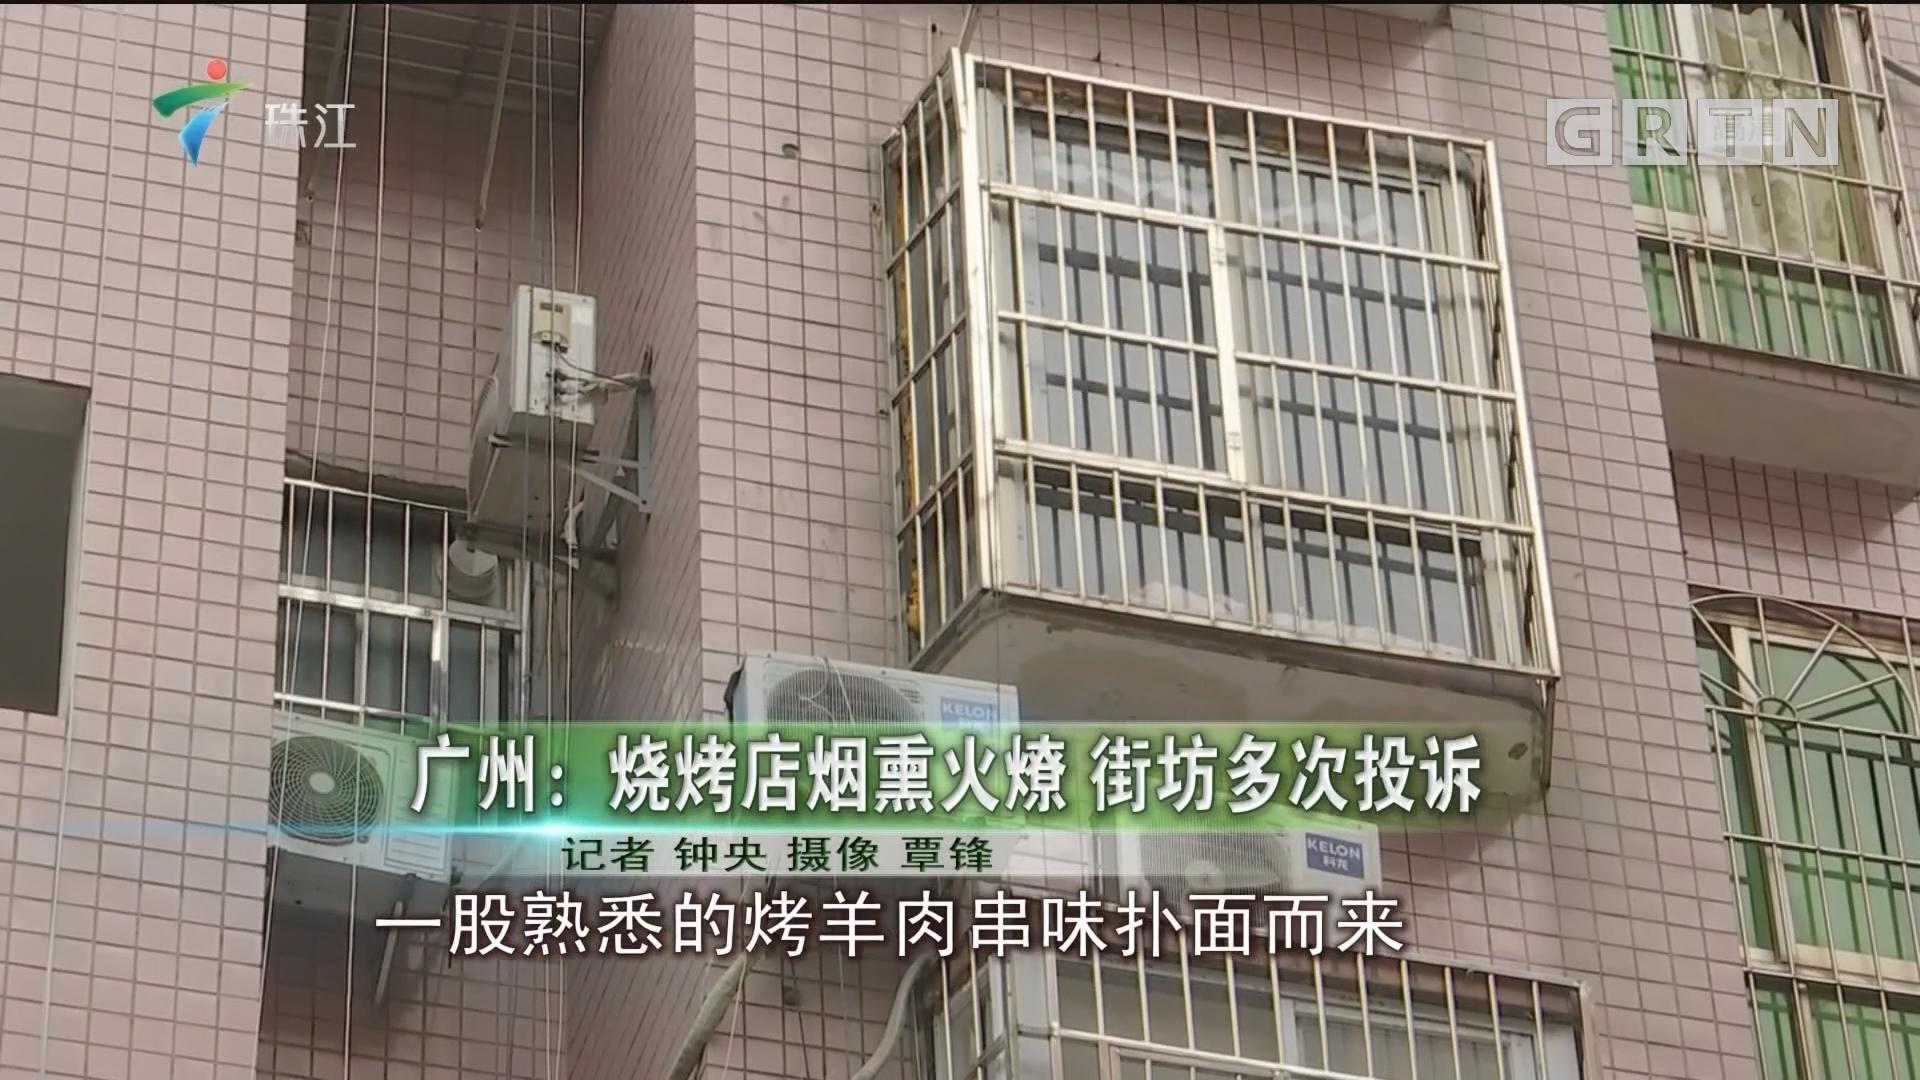 广州:烧烤店烟熏火燎 街坊多次投诉